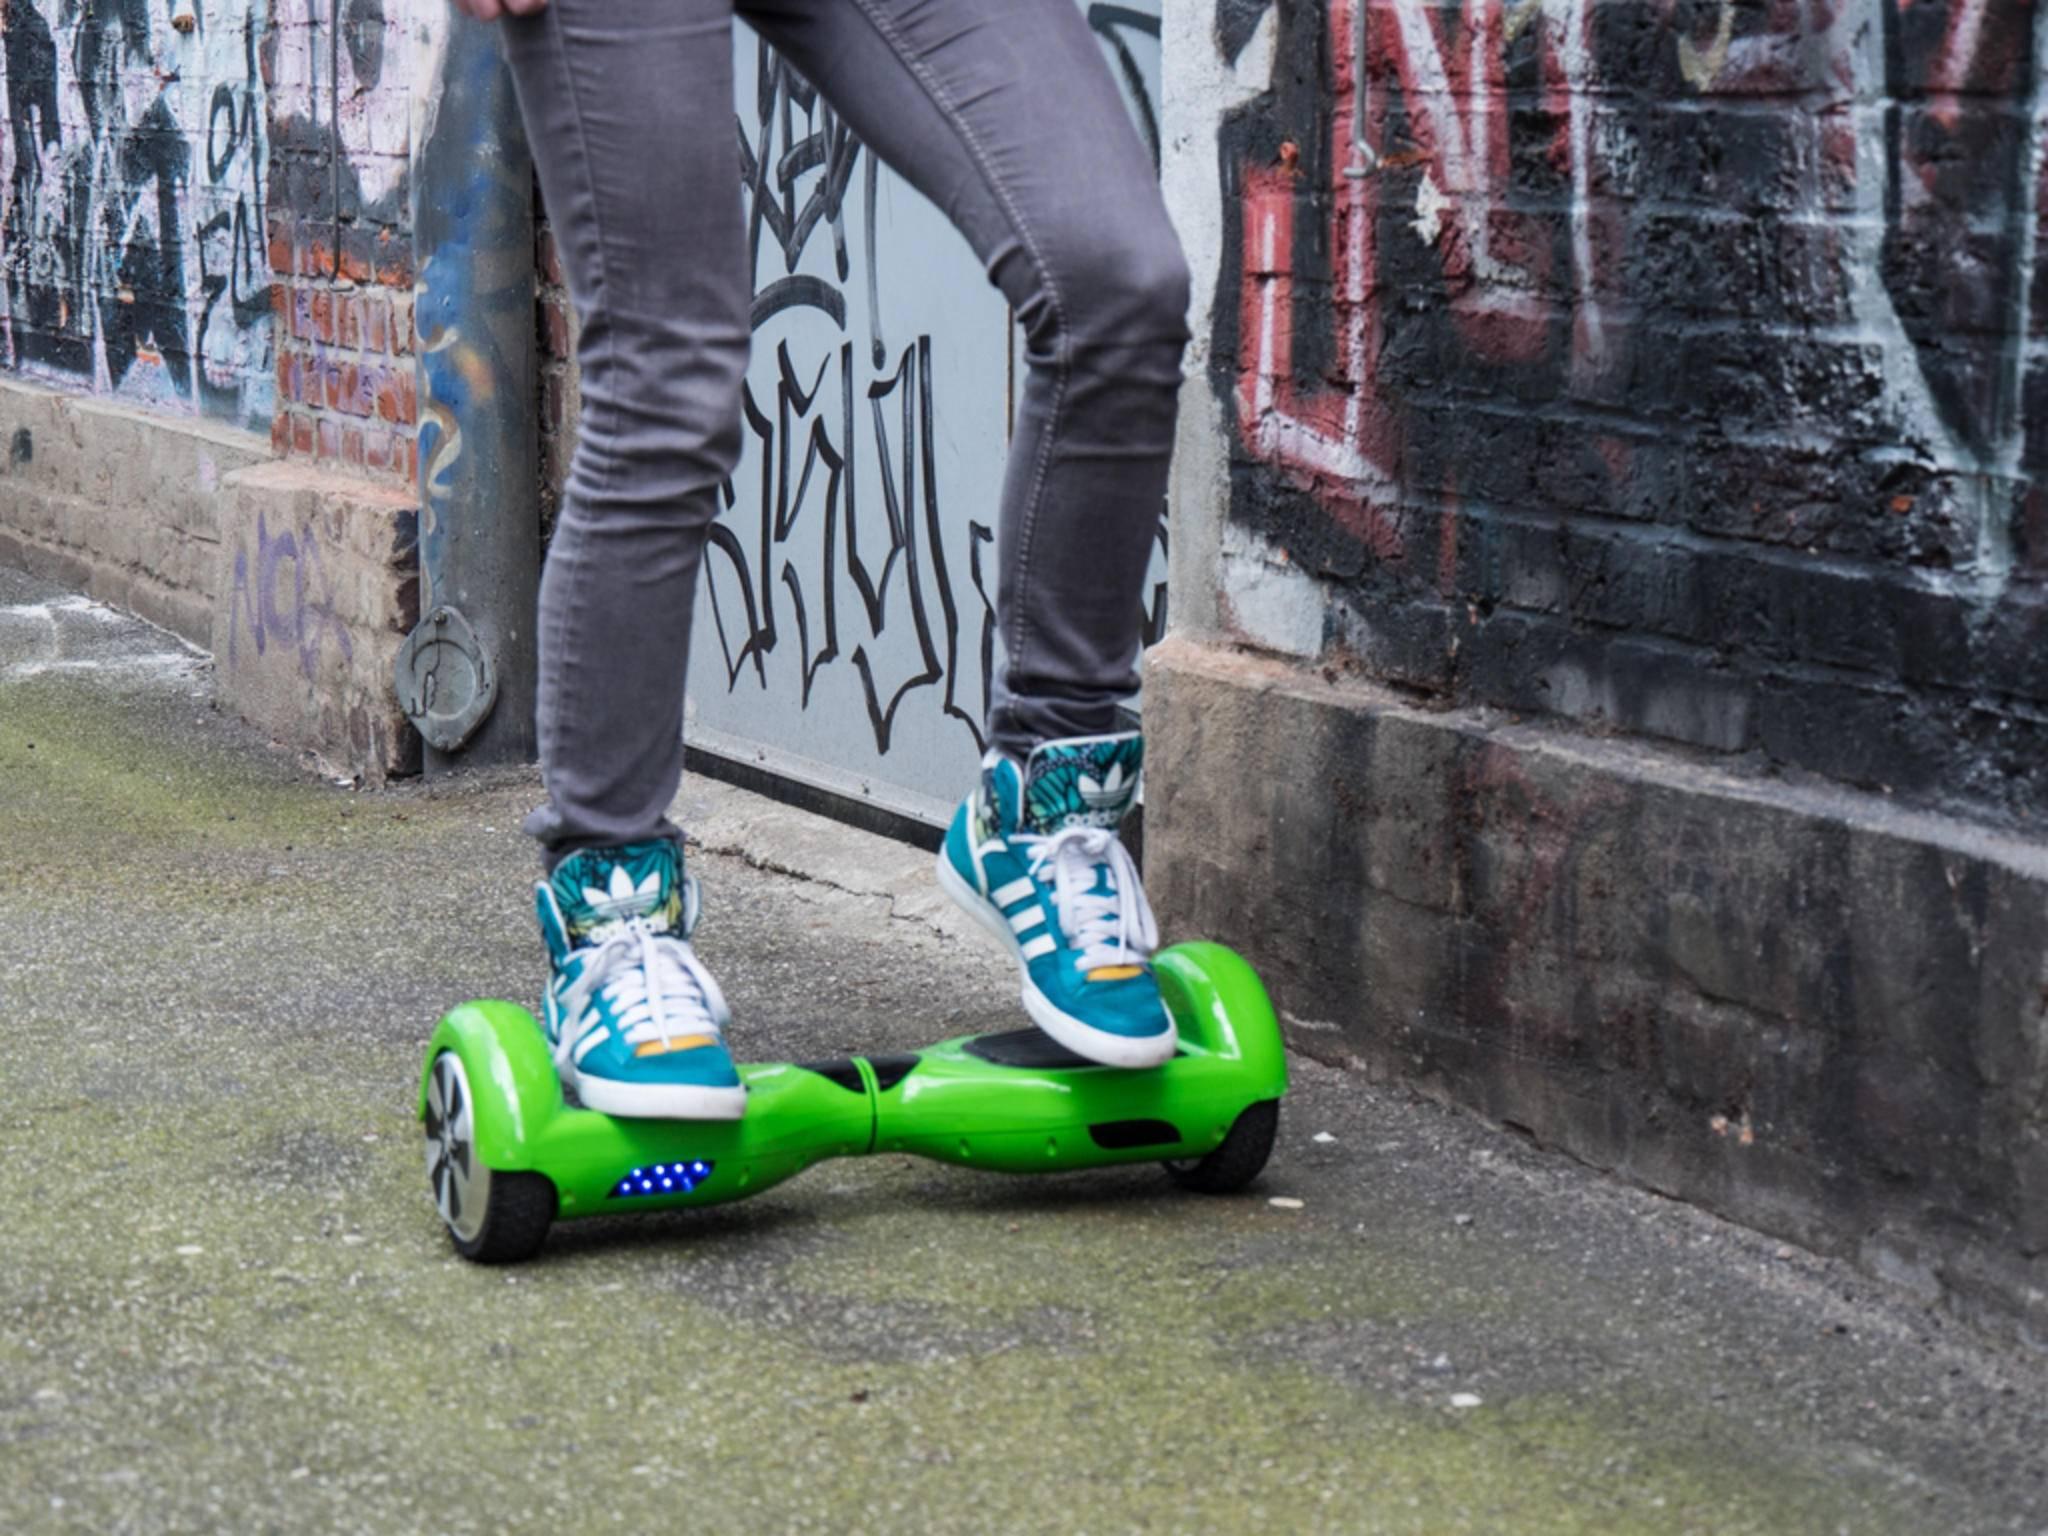 Die ersten Fahrversuche auf einem Hoverboard gehen nicht selten in die Hose.